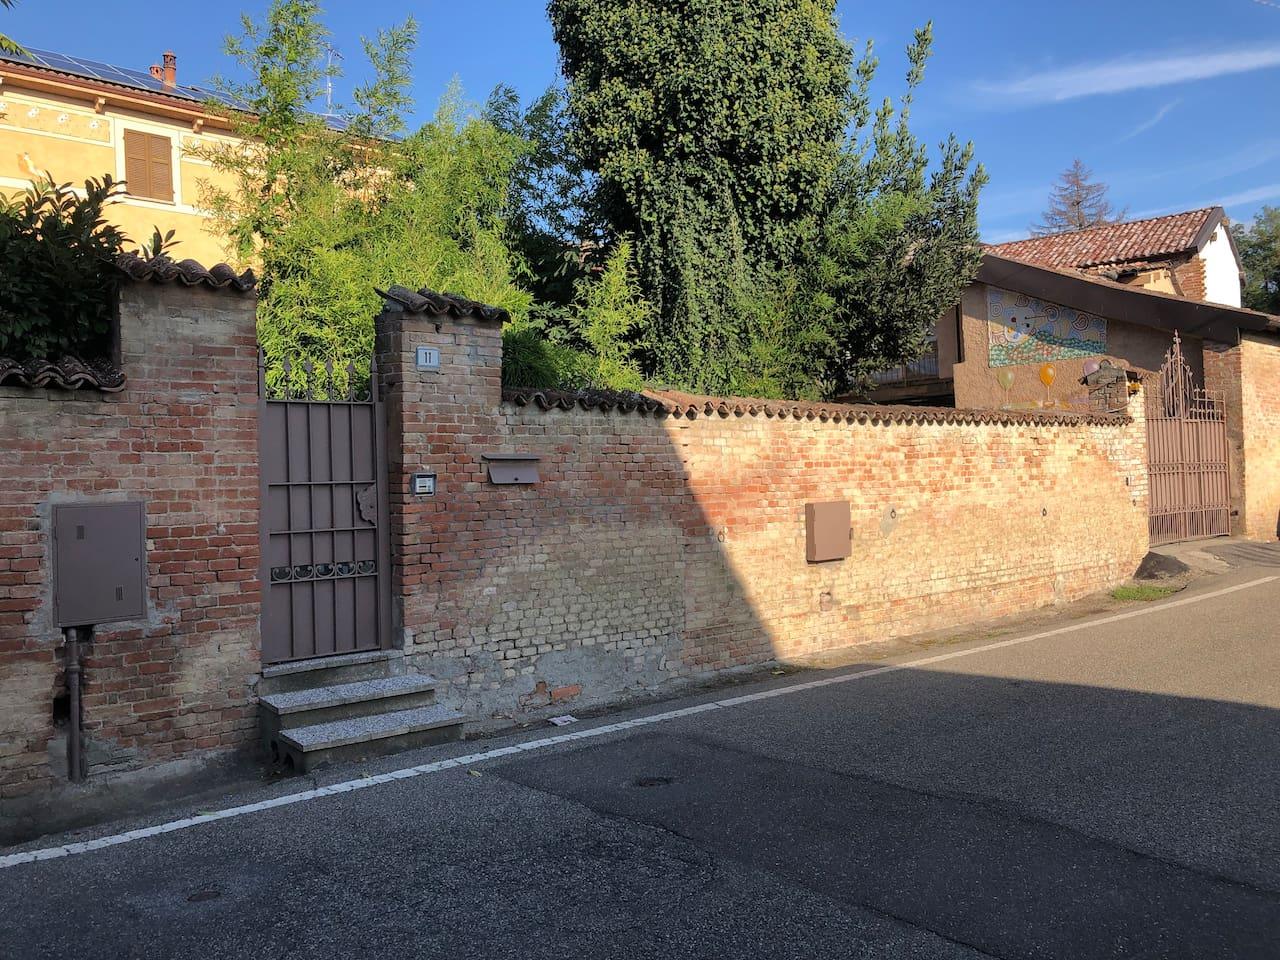 Esterno - Cancello